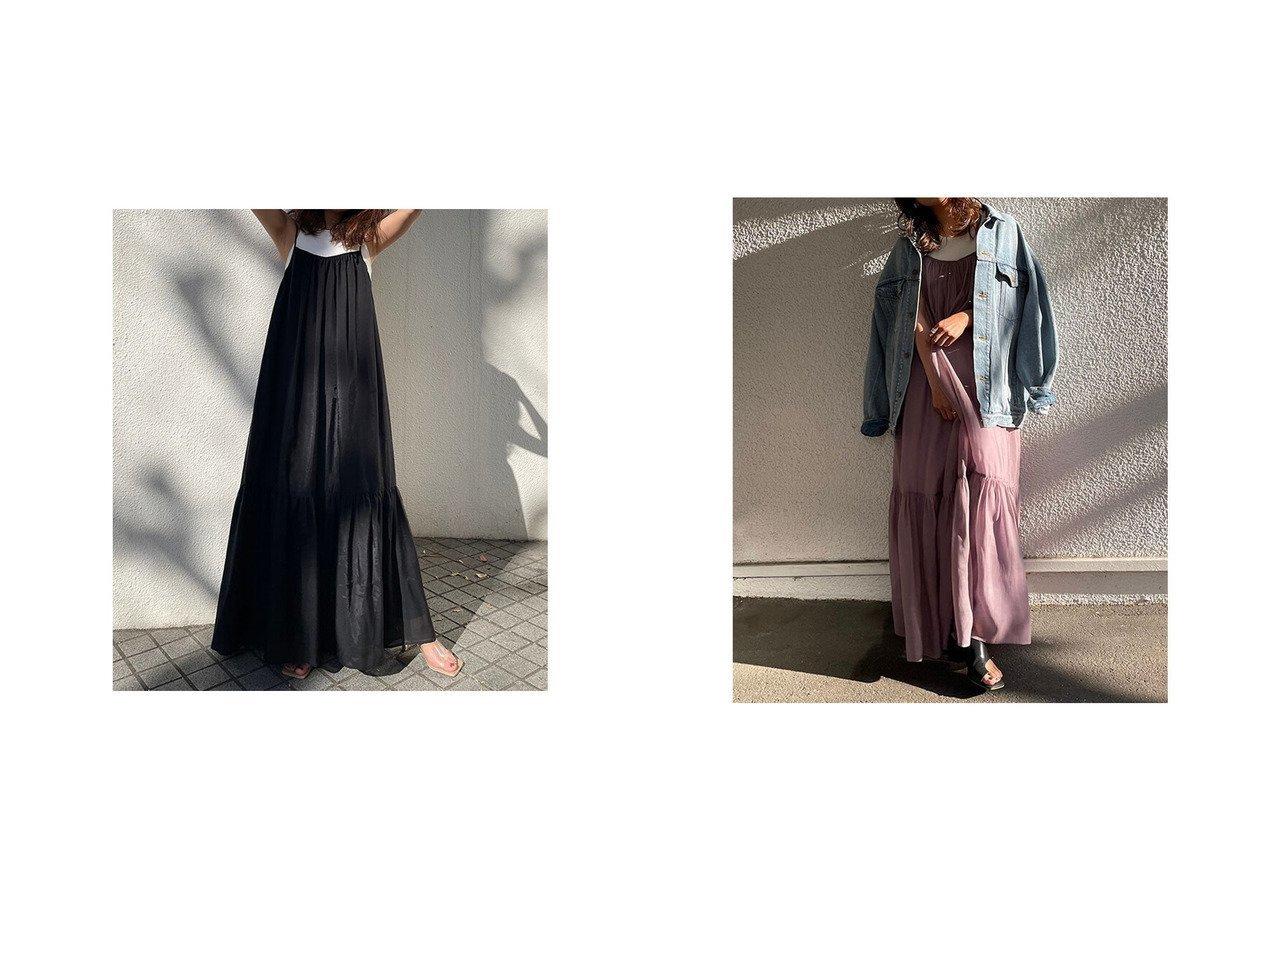 【CREDONA/クレドナ】のカラーキャミOP 【トップス・カットソー】おすすめ!人気、トレンド・レディースファッションの通販 おすすめで人気の流行・トレンド、ファッションの通販商品 インテリア・家具・メンズファッション・キッズファッション・レディースファッション・服の通販 founy(ファニー) https://founy.com/ ファッション Fashion レディースファッション WOMEN トップス・カットソー Tops/Tshirt キャミソール / ノースリーブ No Sleeves おすすめ Recommend インナー カットソー ギャザー シンプル スニーカー パーカー ロング |ID:crp329100000045317